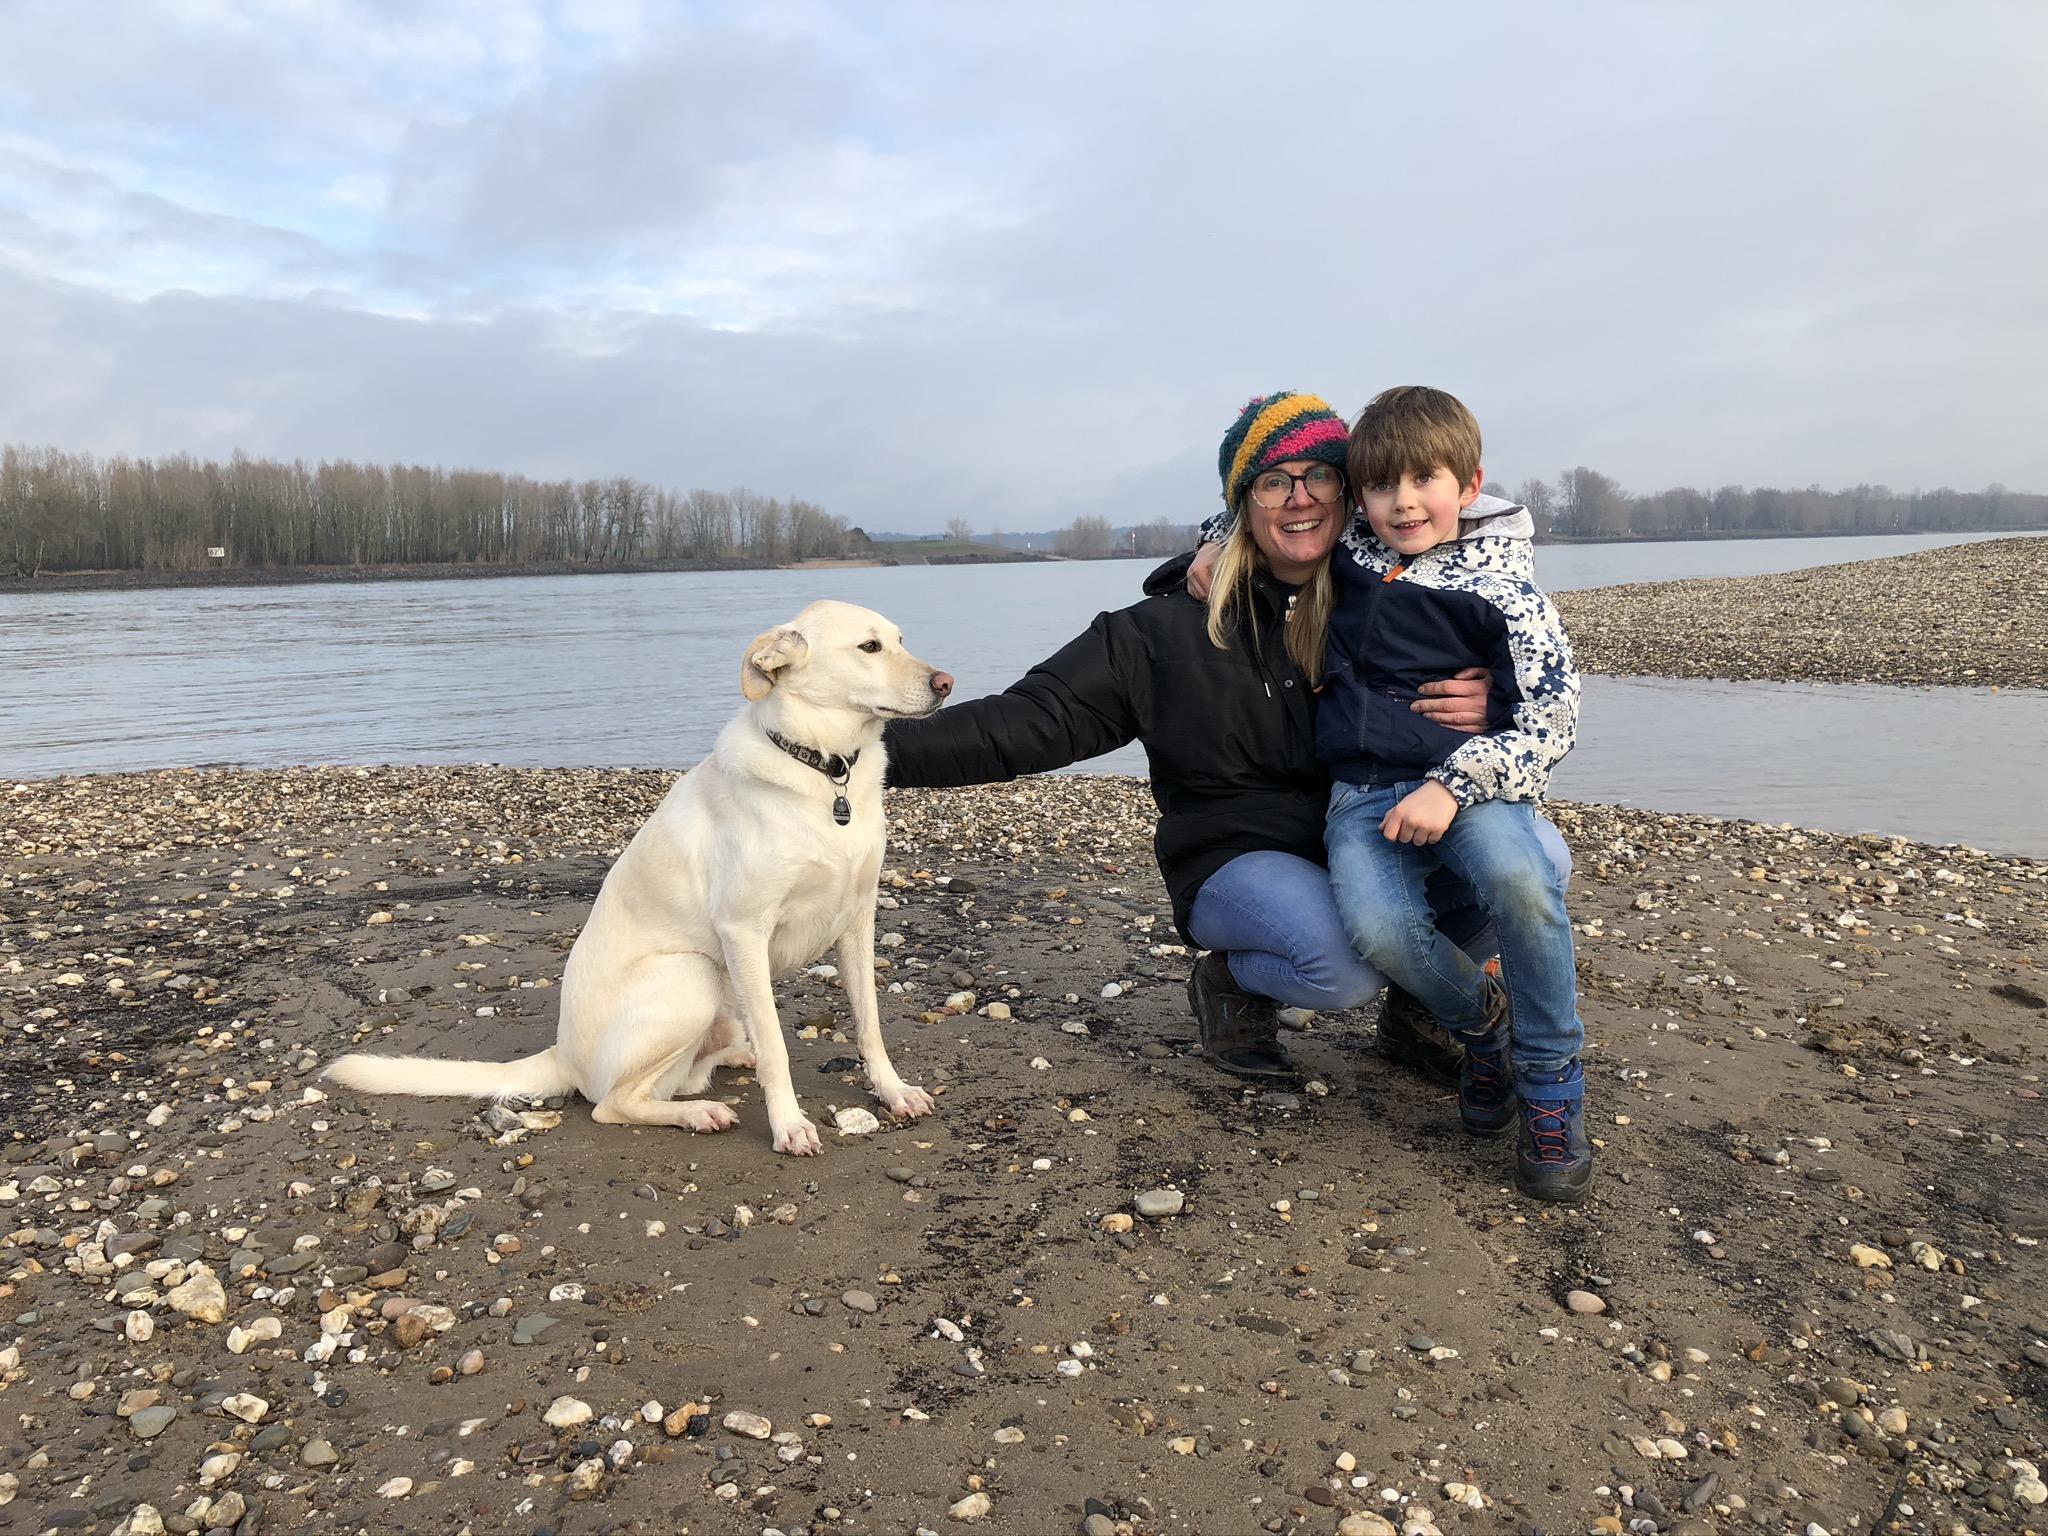 Mit Hund und Kind am Rhein bei Xanten im Ruhrgebiet